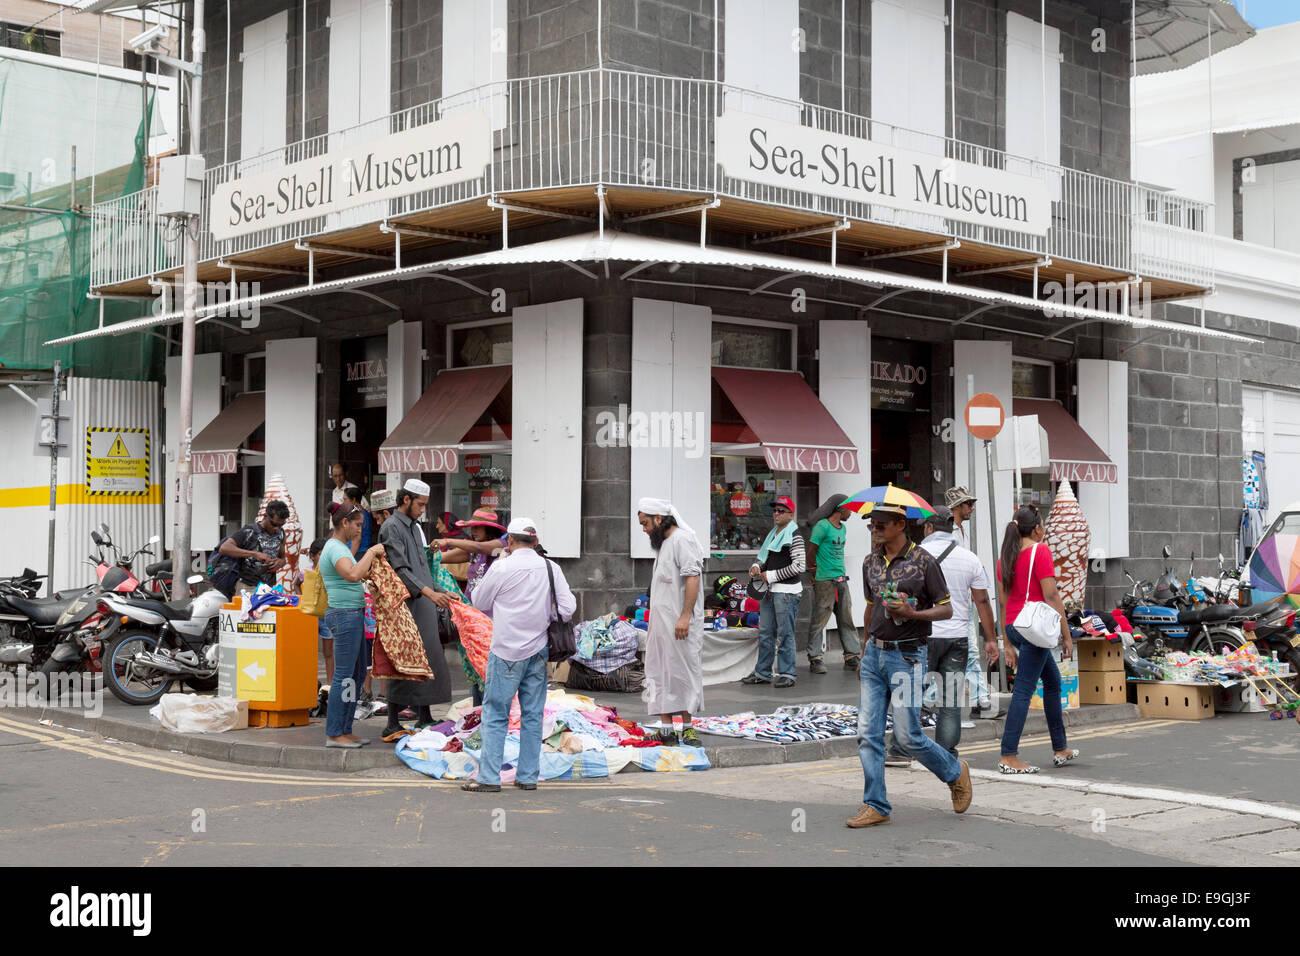 Port louis market mauritius stock photos port louis market mauritius stock images alamy - Mauritius market port louis ...